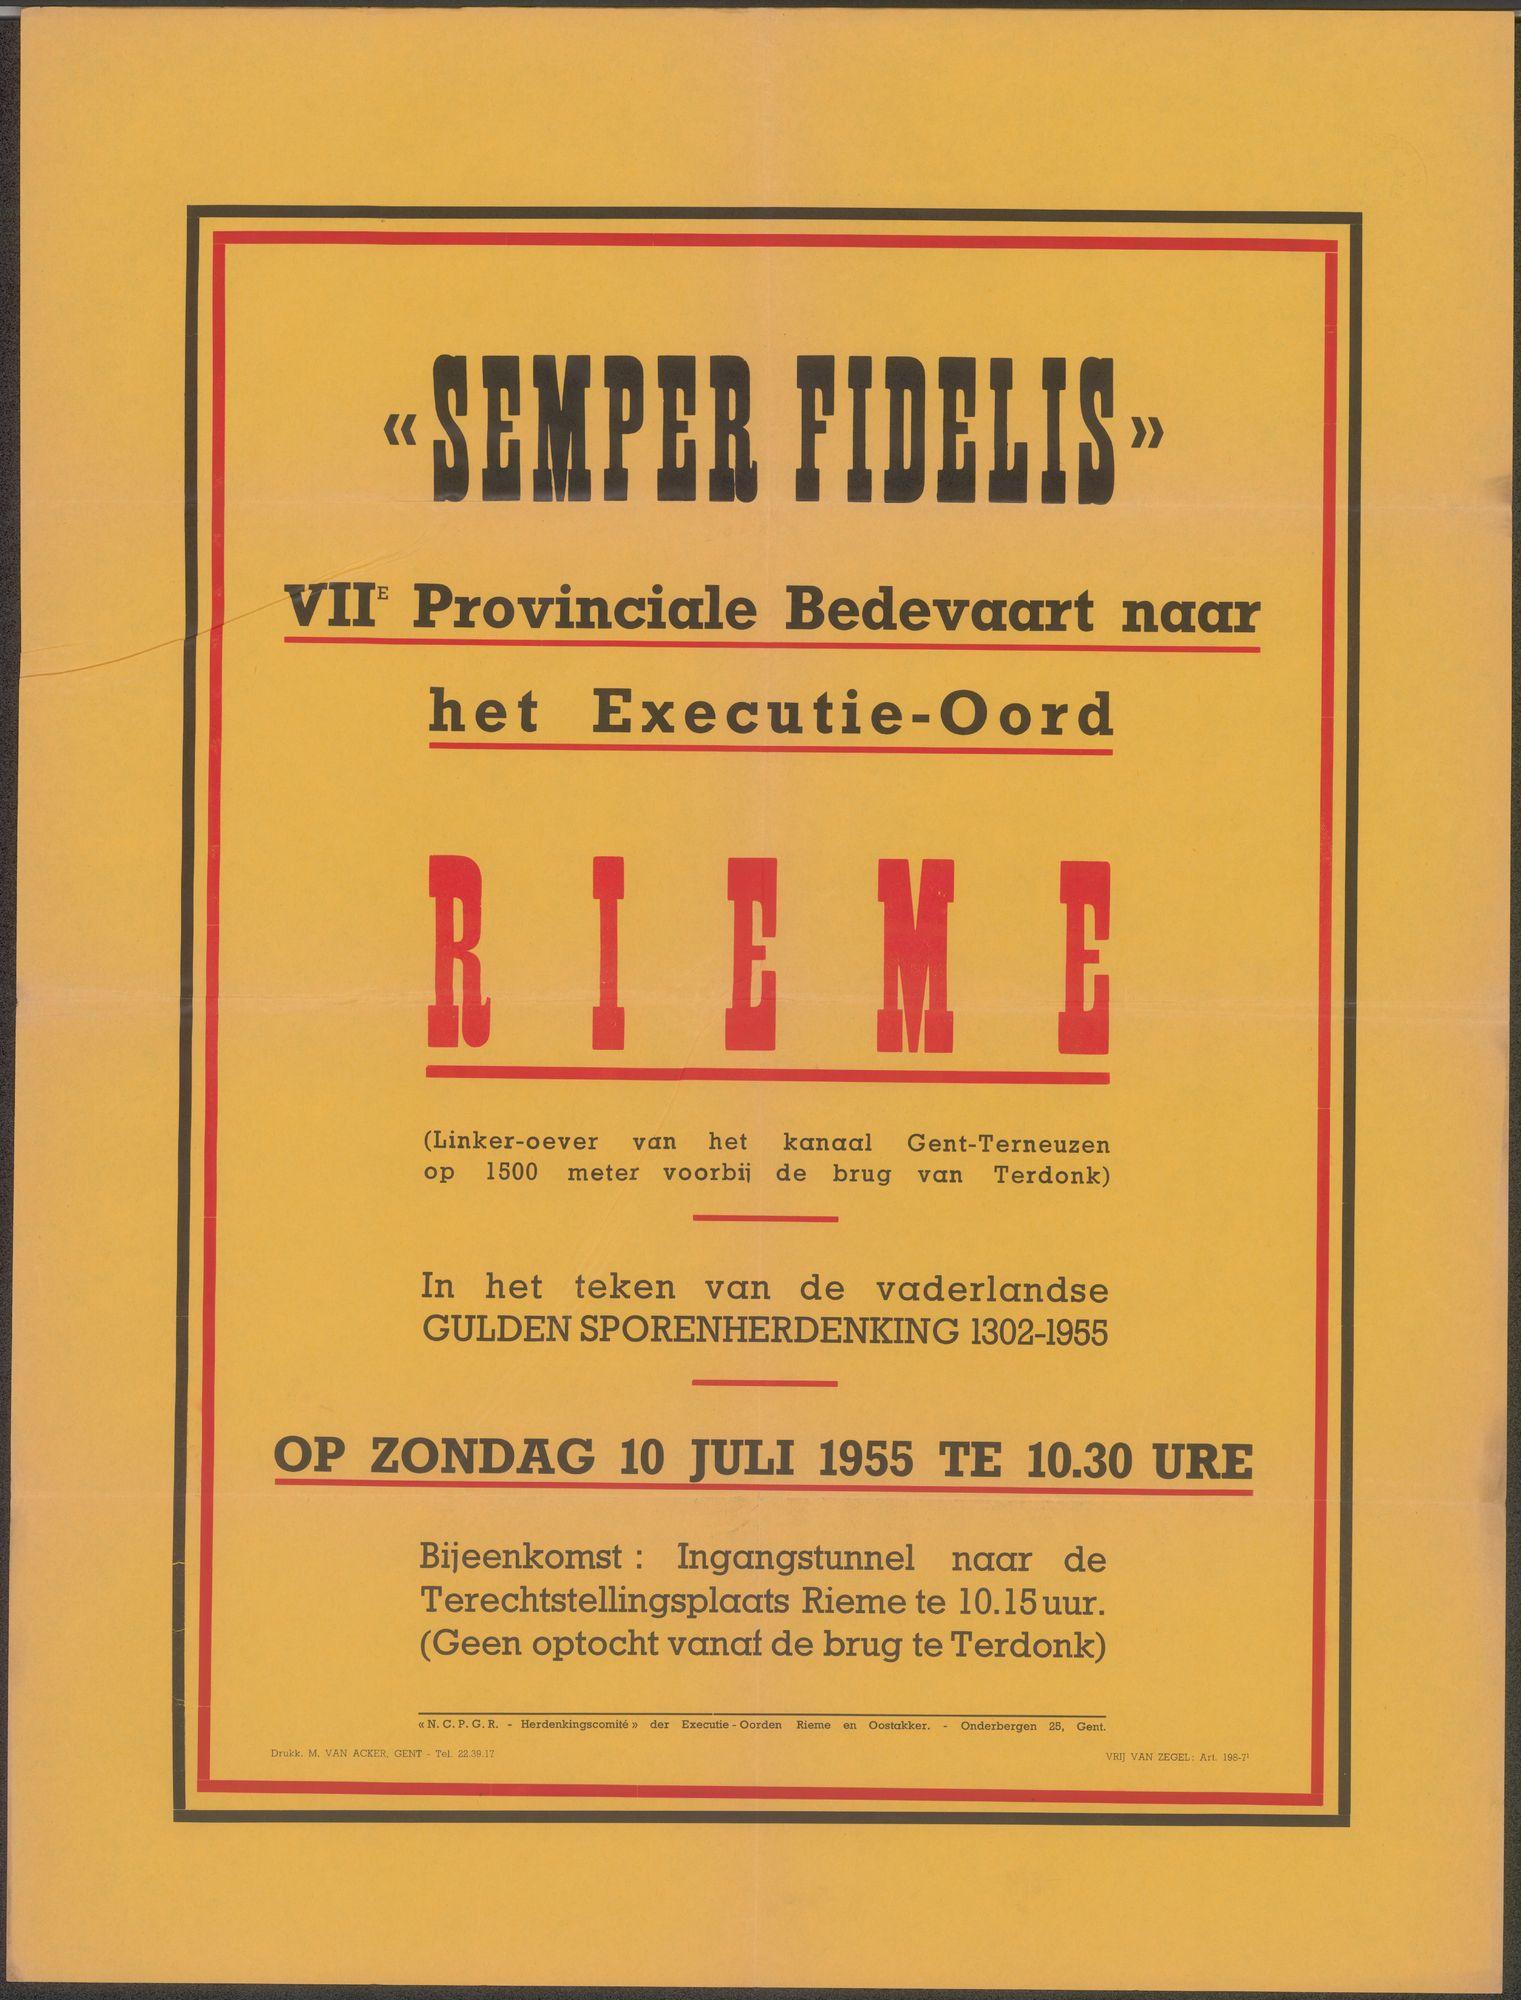 Semper Fidelis, VIIe Provinciale Bedevaart naar het Executie-Oord, Rieme, Gent, 10 juli 1955